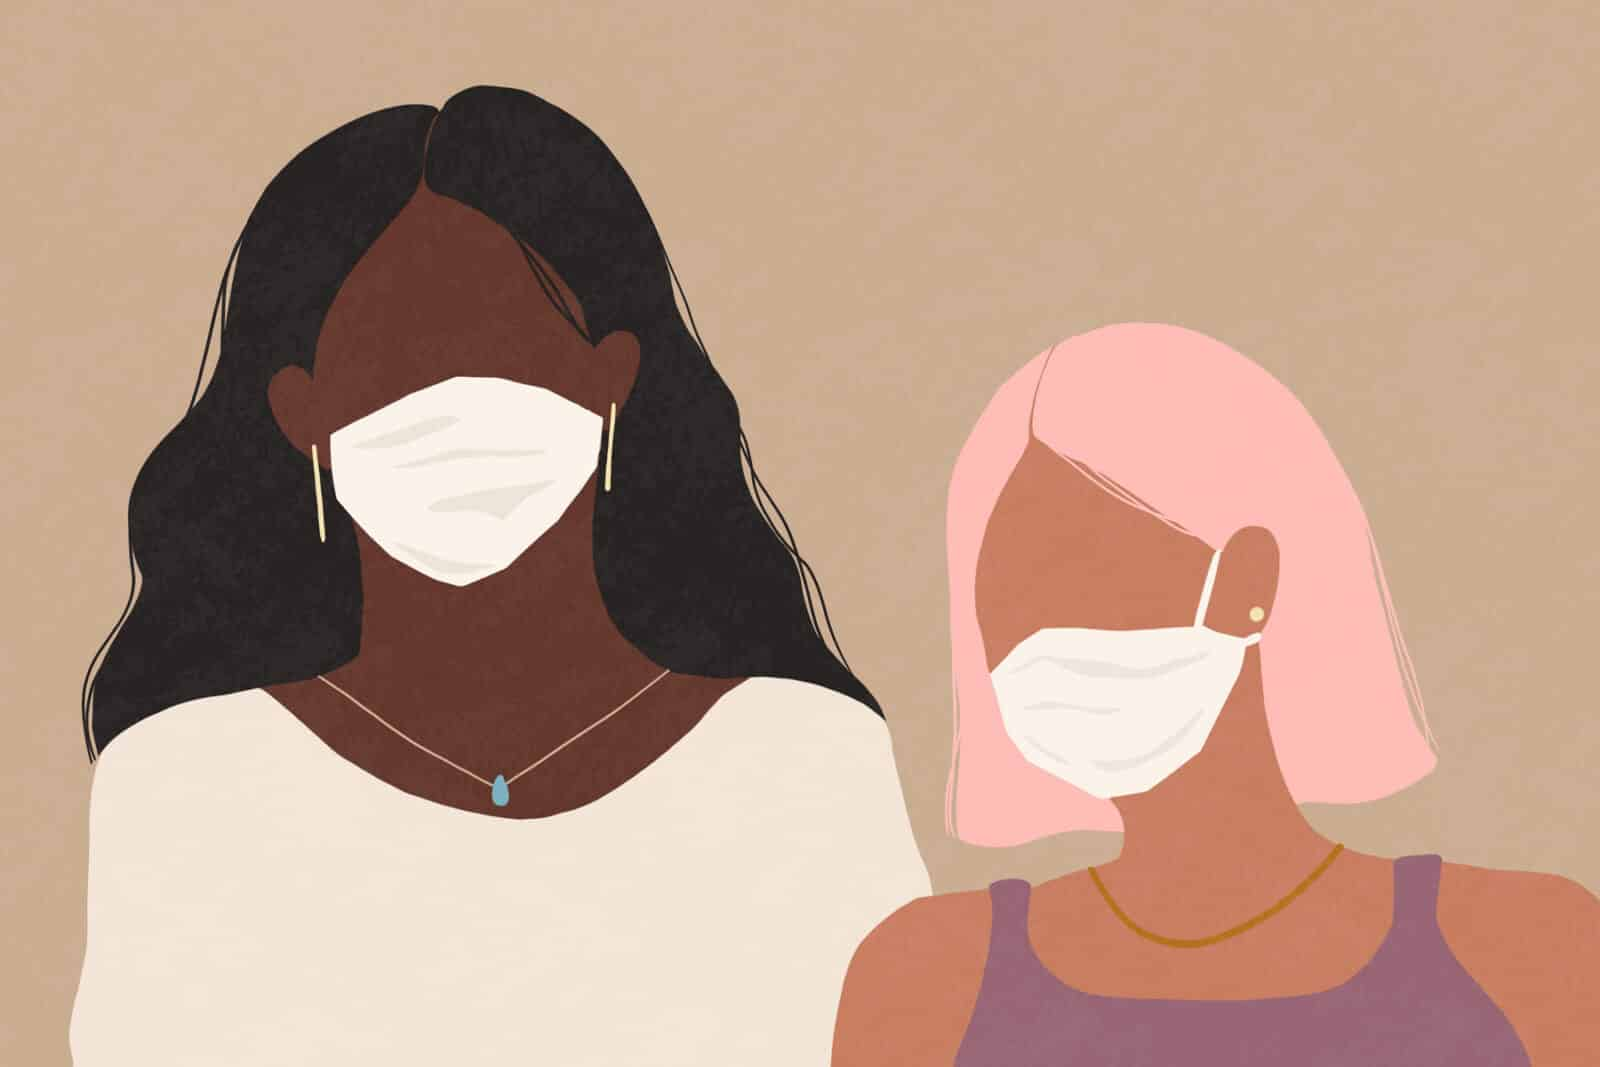 تشير استطلاعات الرأي إلى أن معظم الشباب الأمريكيين يتعاملون بجدية مع فيروس كورونا